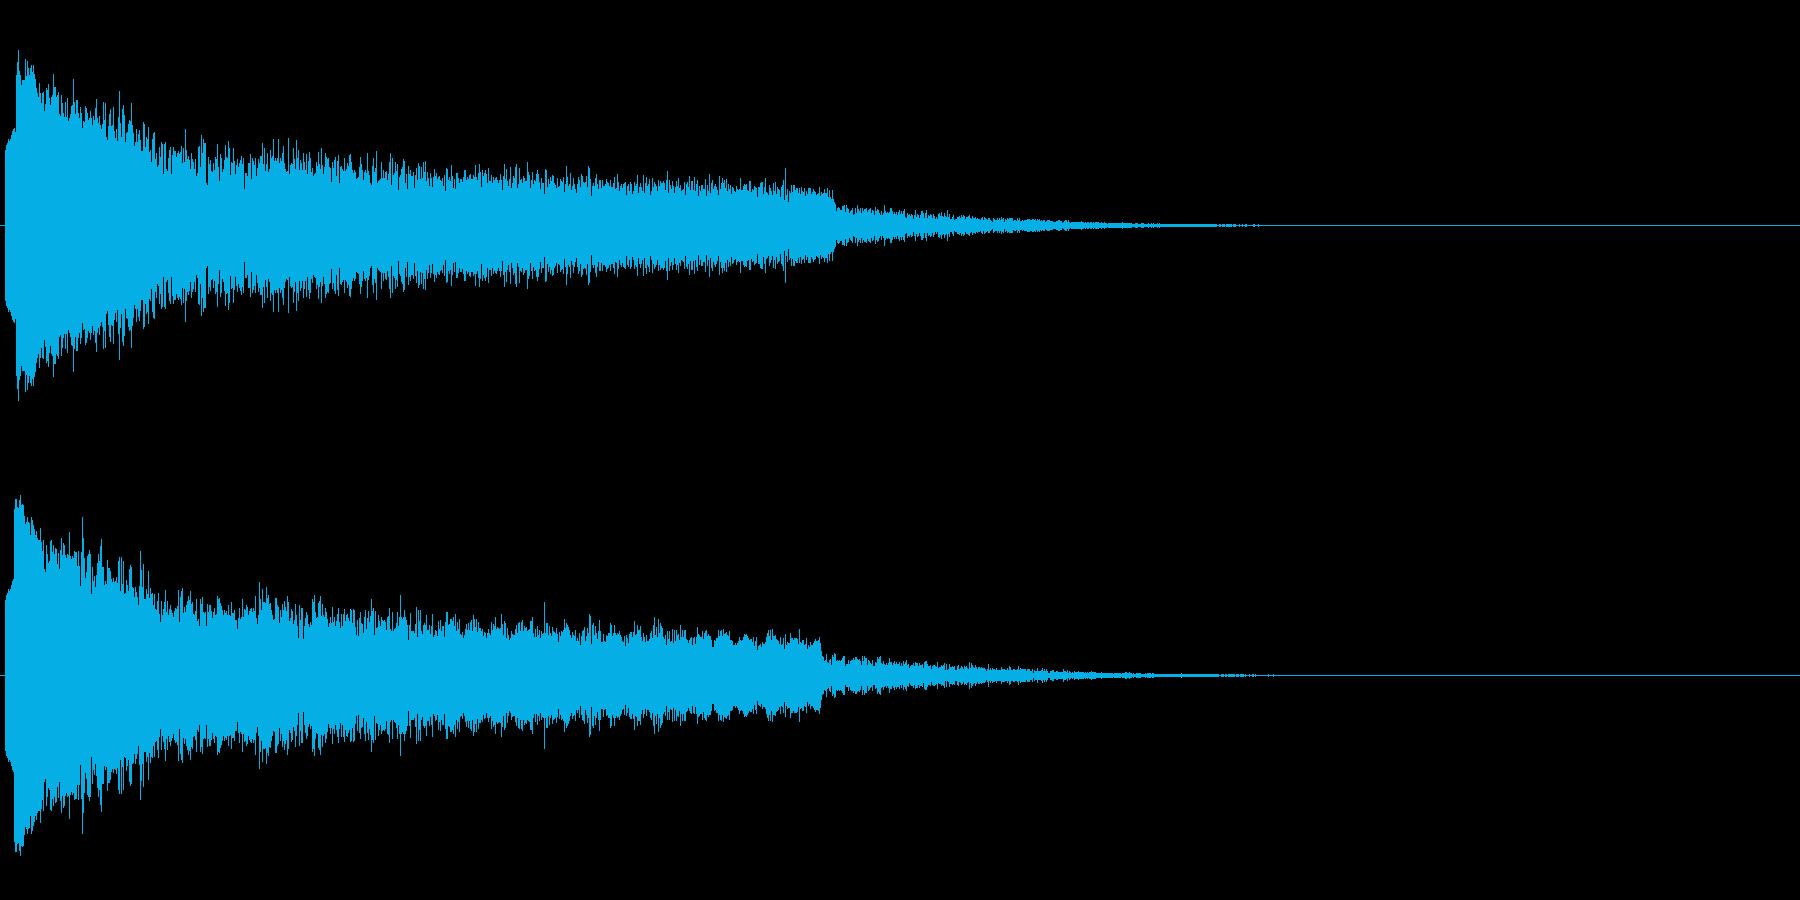 キューン ヒューン ピーン キューン の再生済みの波形